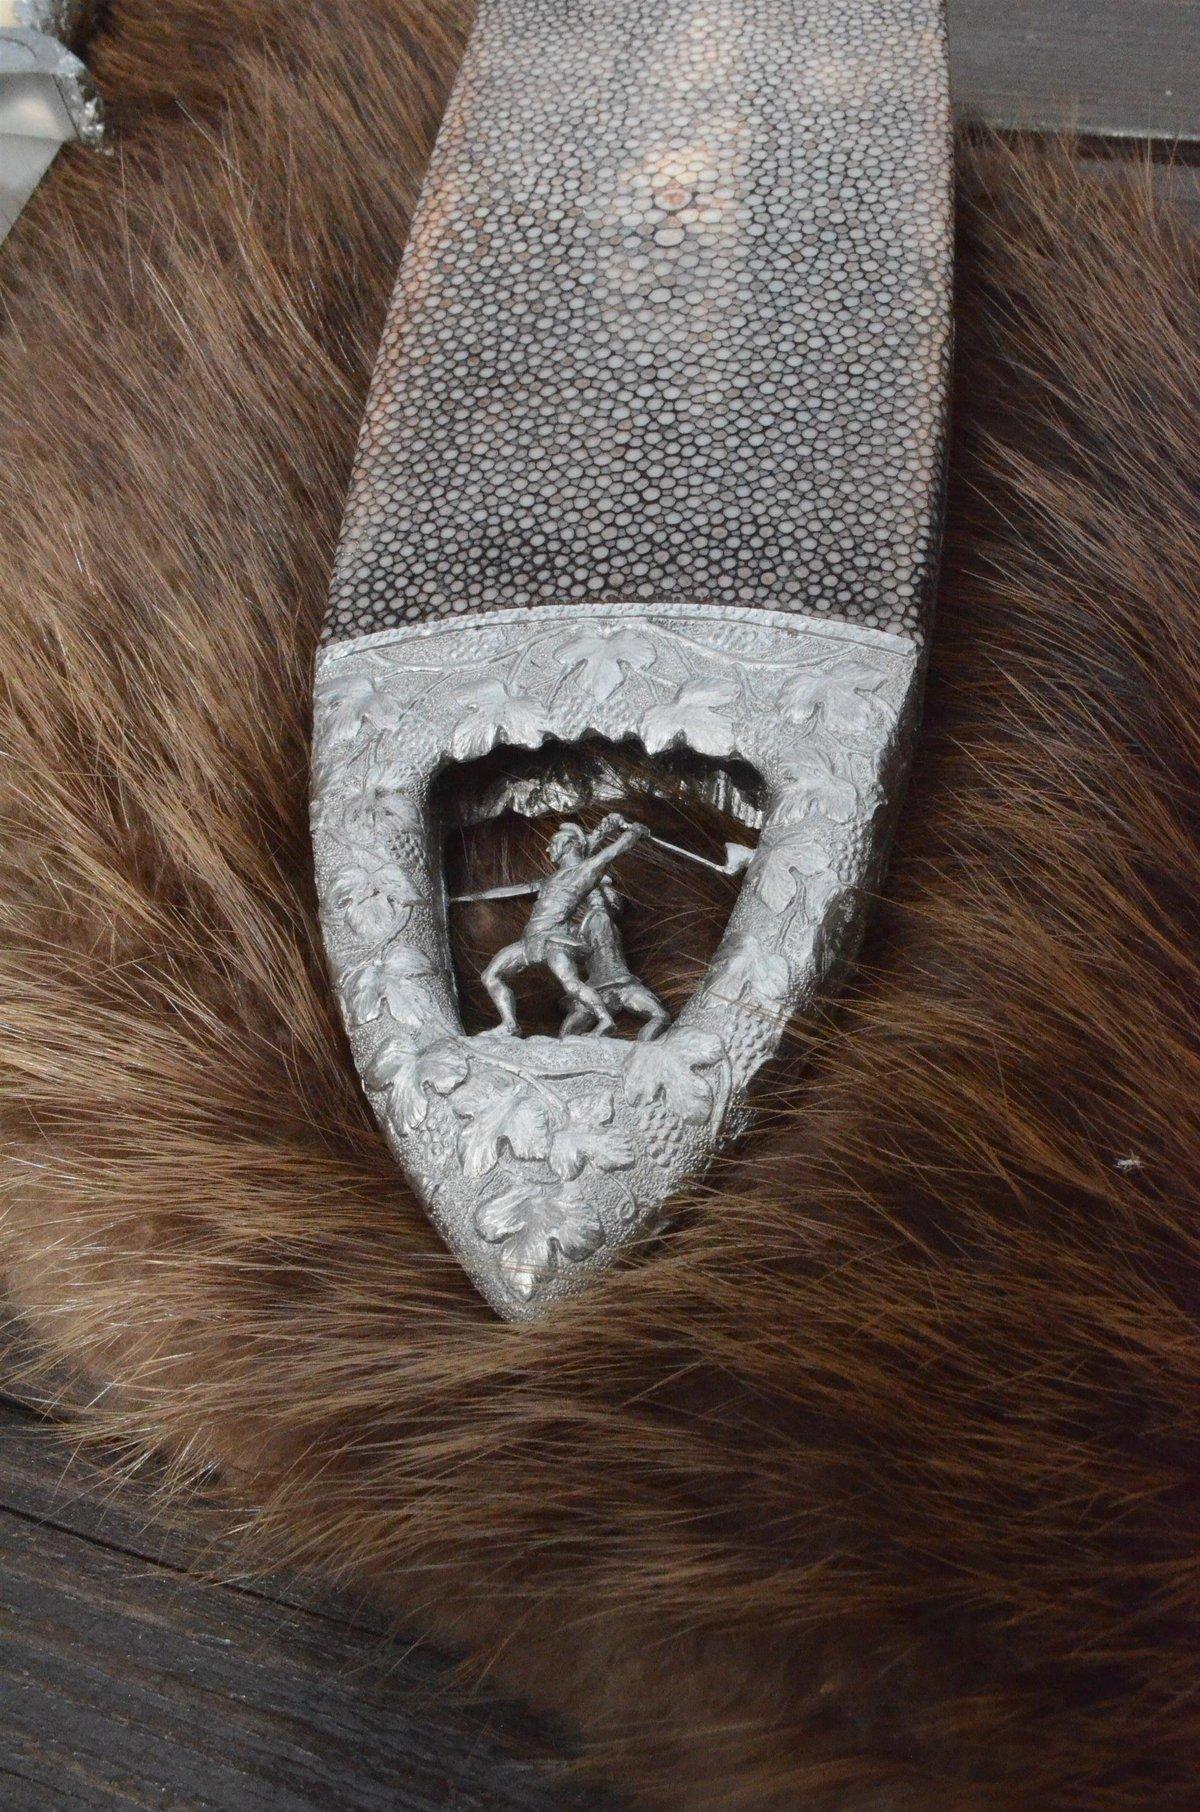 Pouzdro vyrobené z rejnočí kůže je zakončeno detailem souboje dvou gladiátorů.